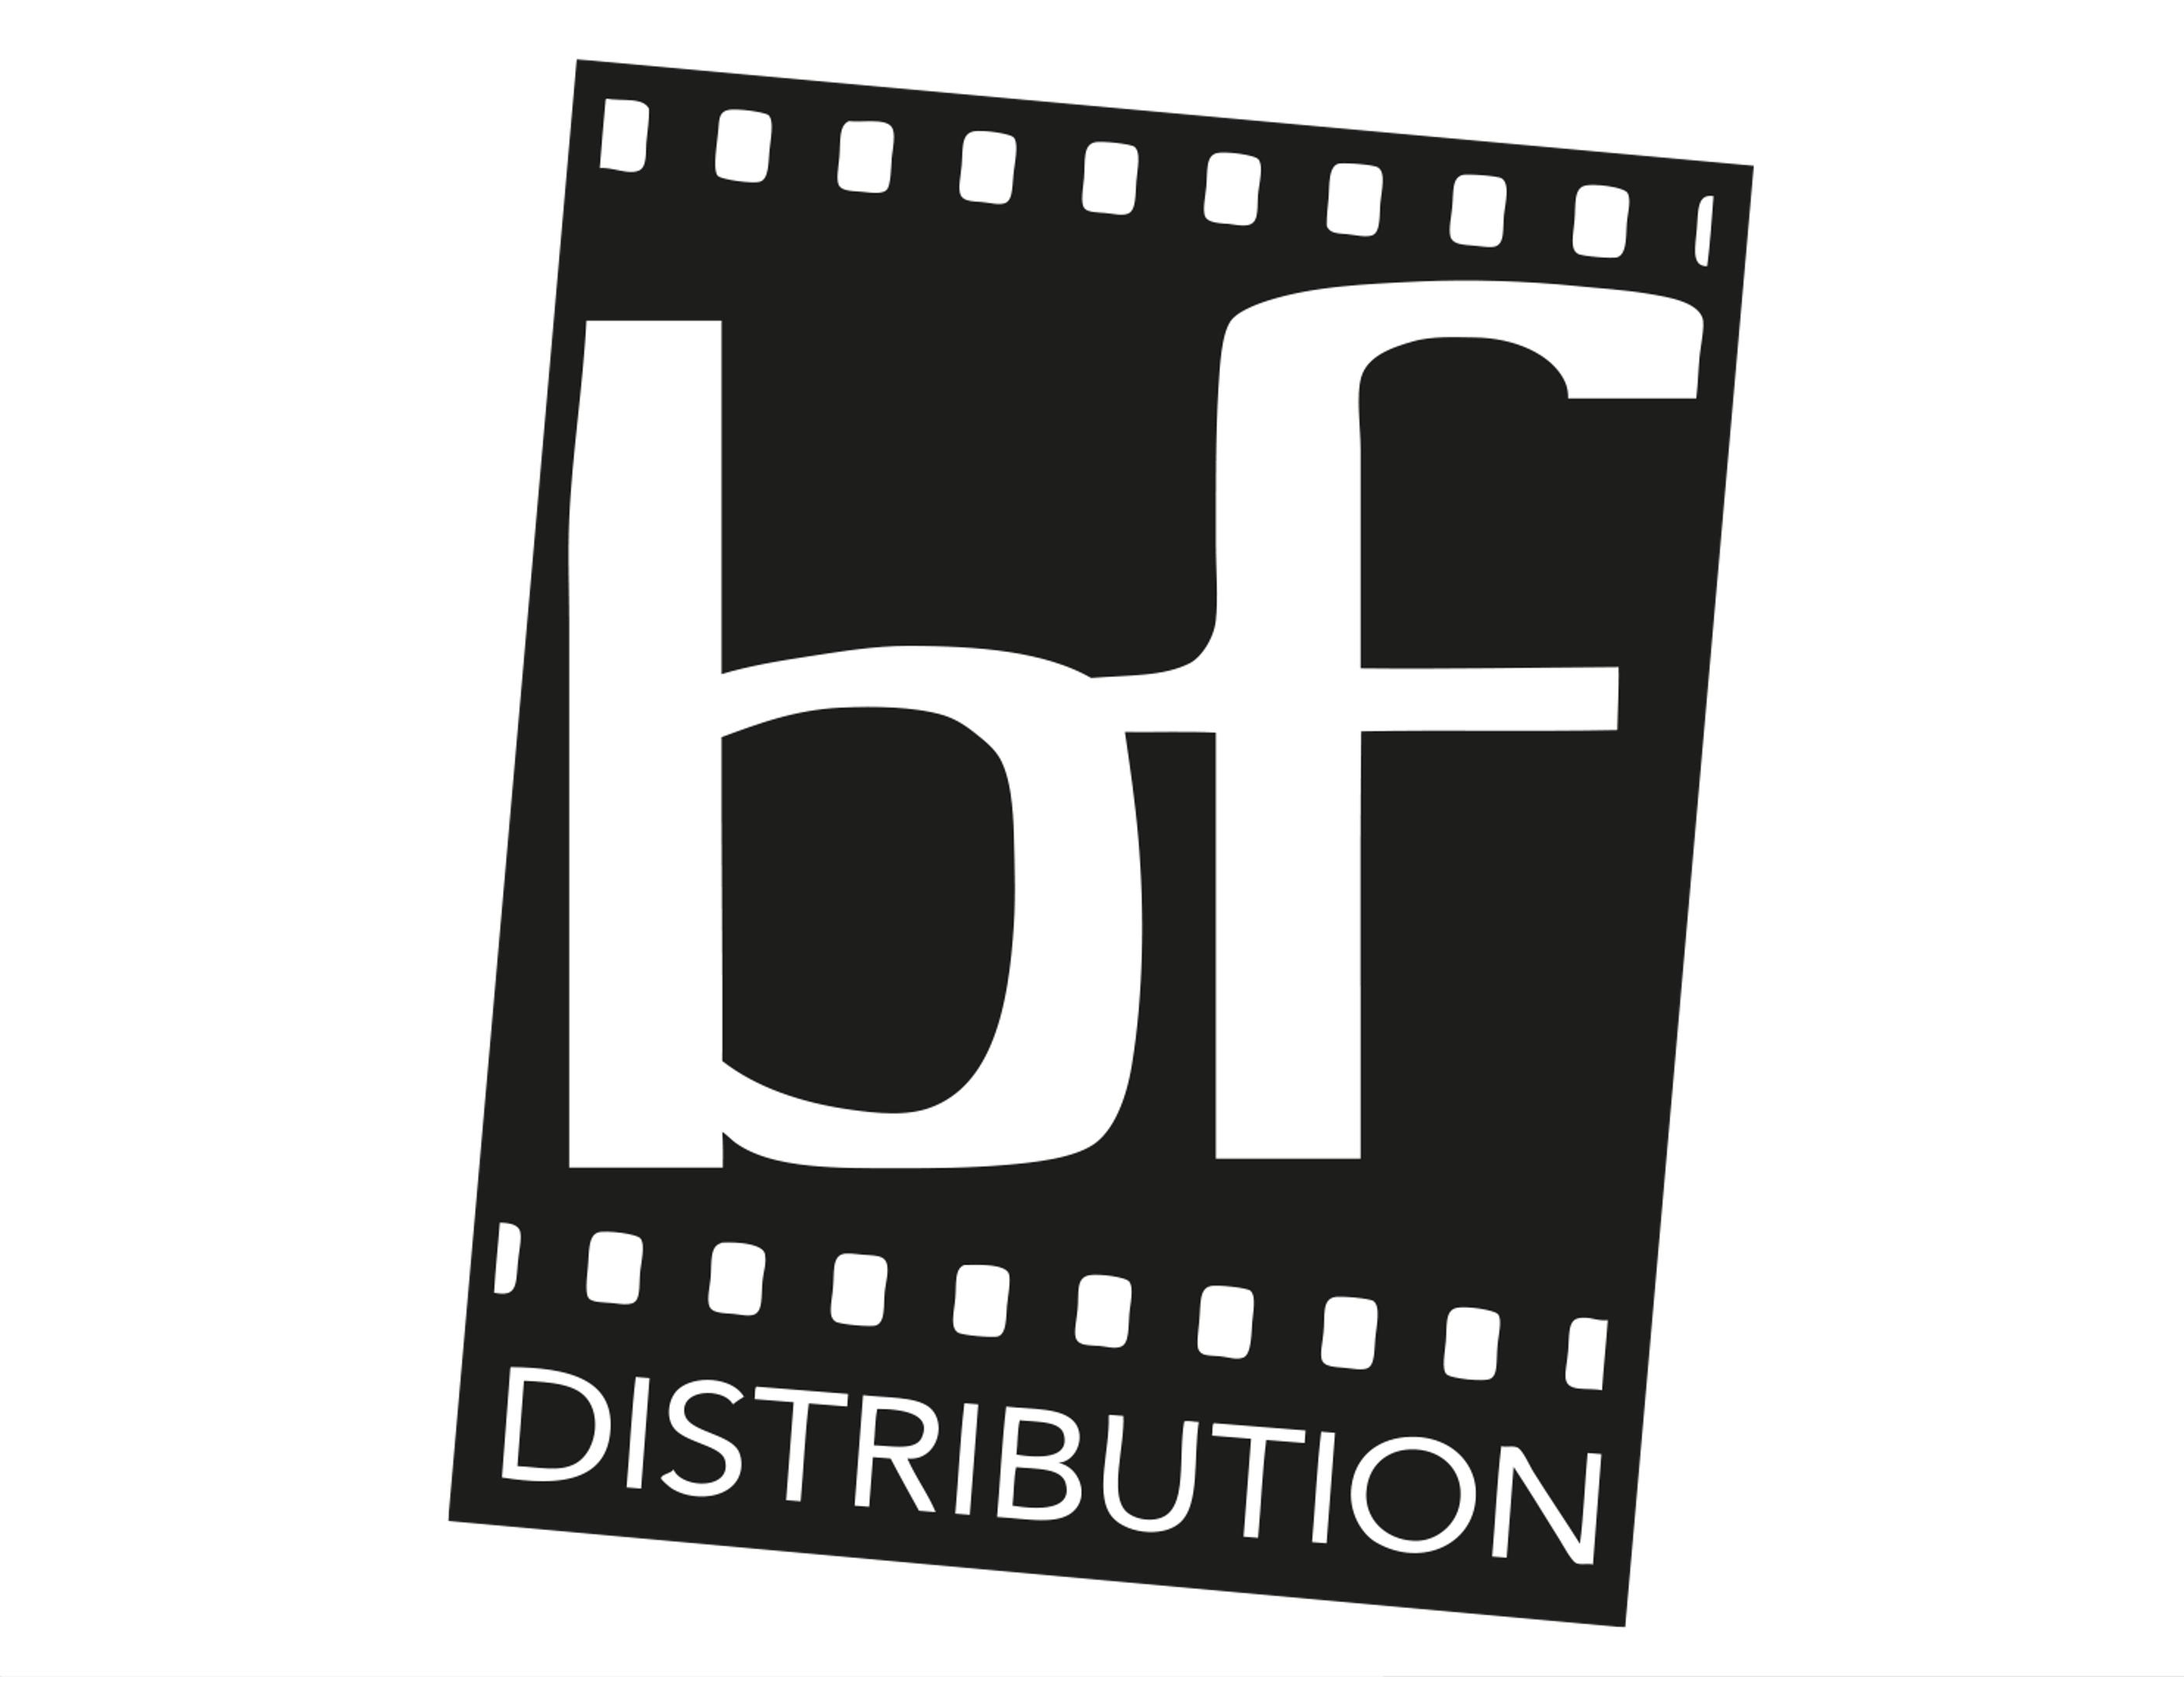 BF Distribution